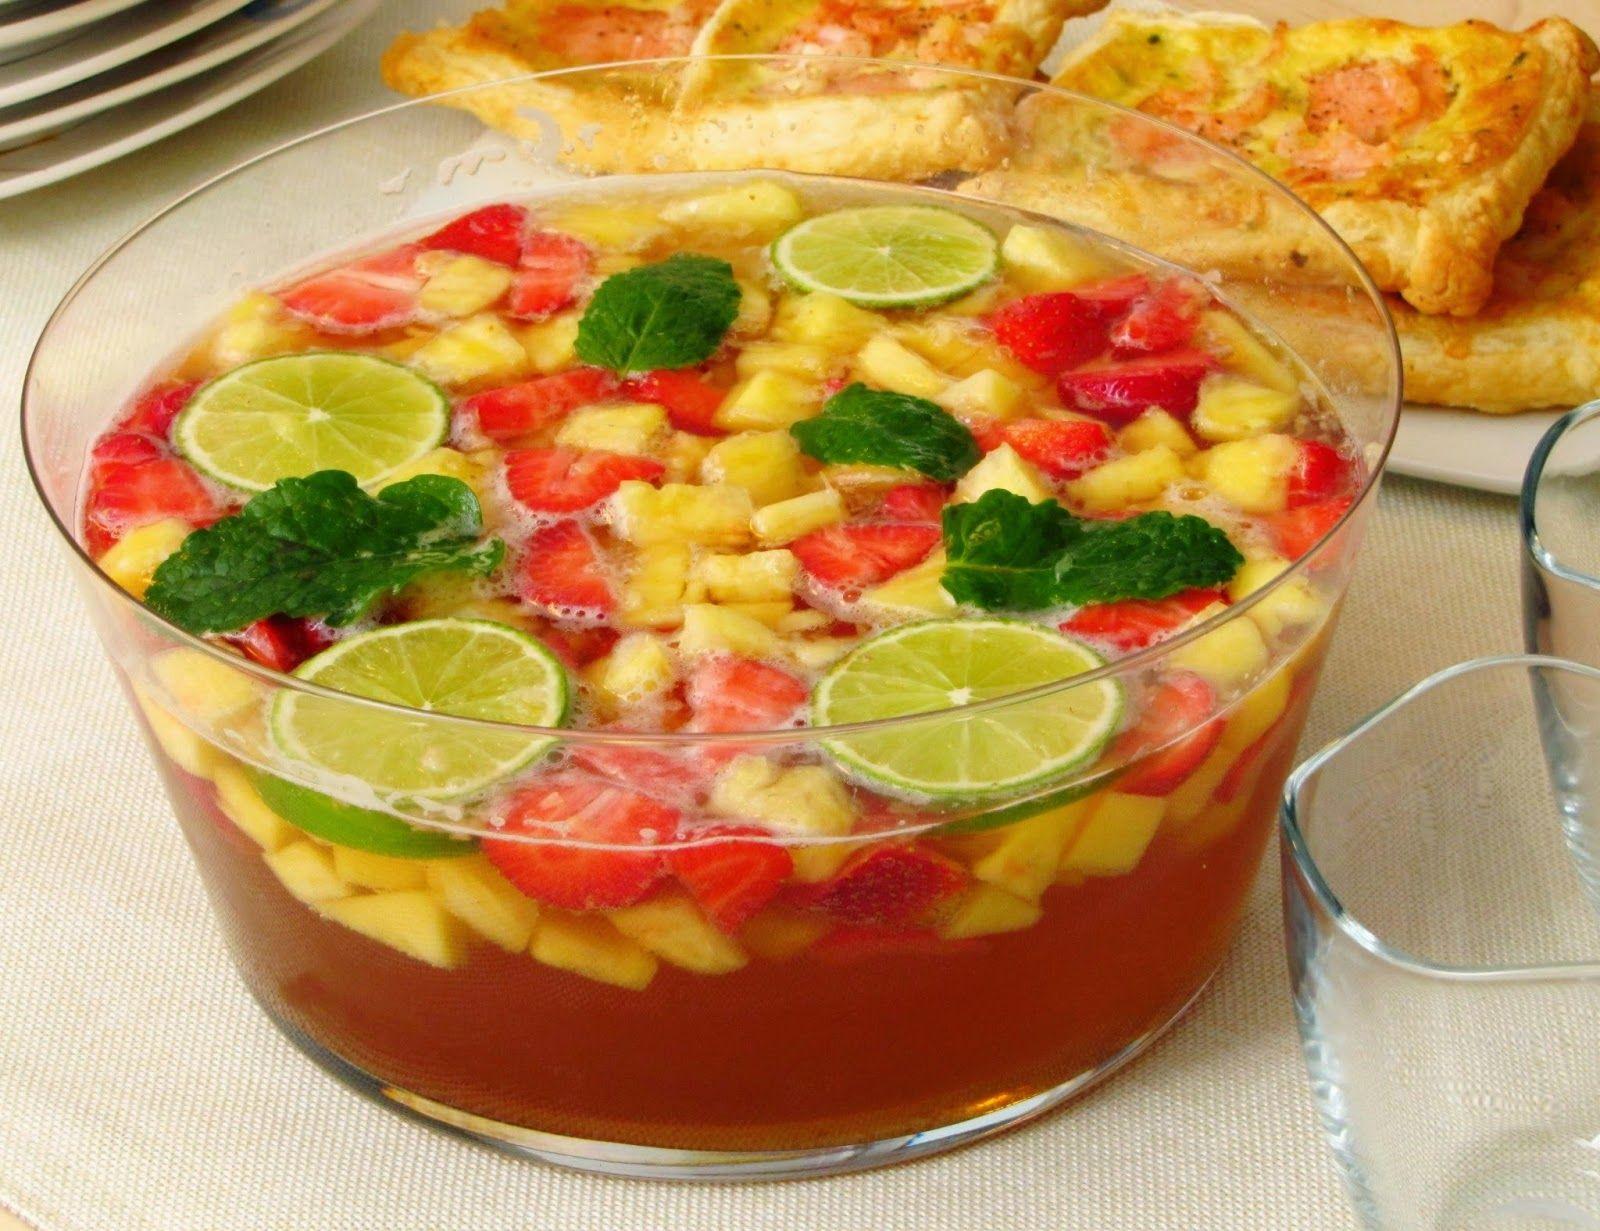 Wonder Wunderbare Küche: Erdbeer-Ananas-Bowle (alkoholisch oder ...